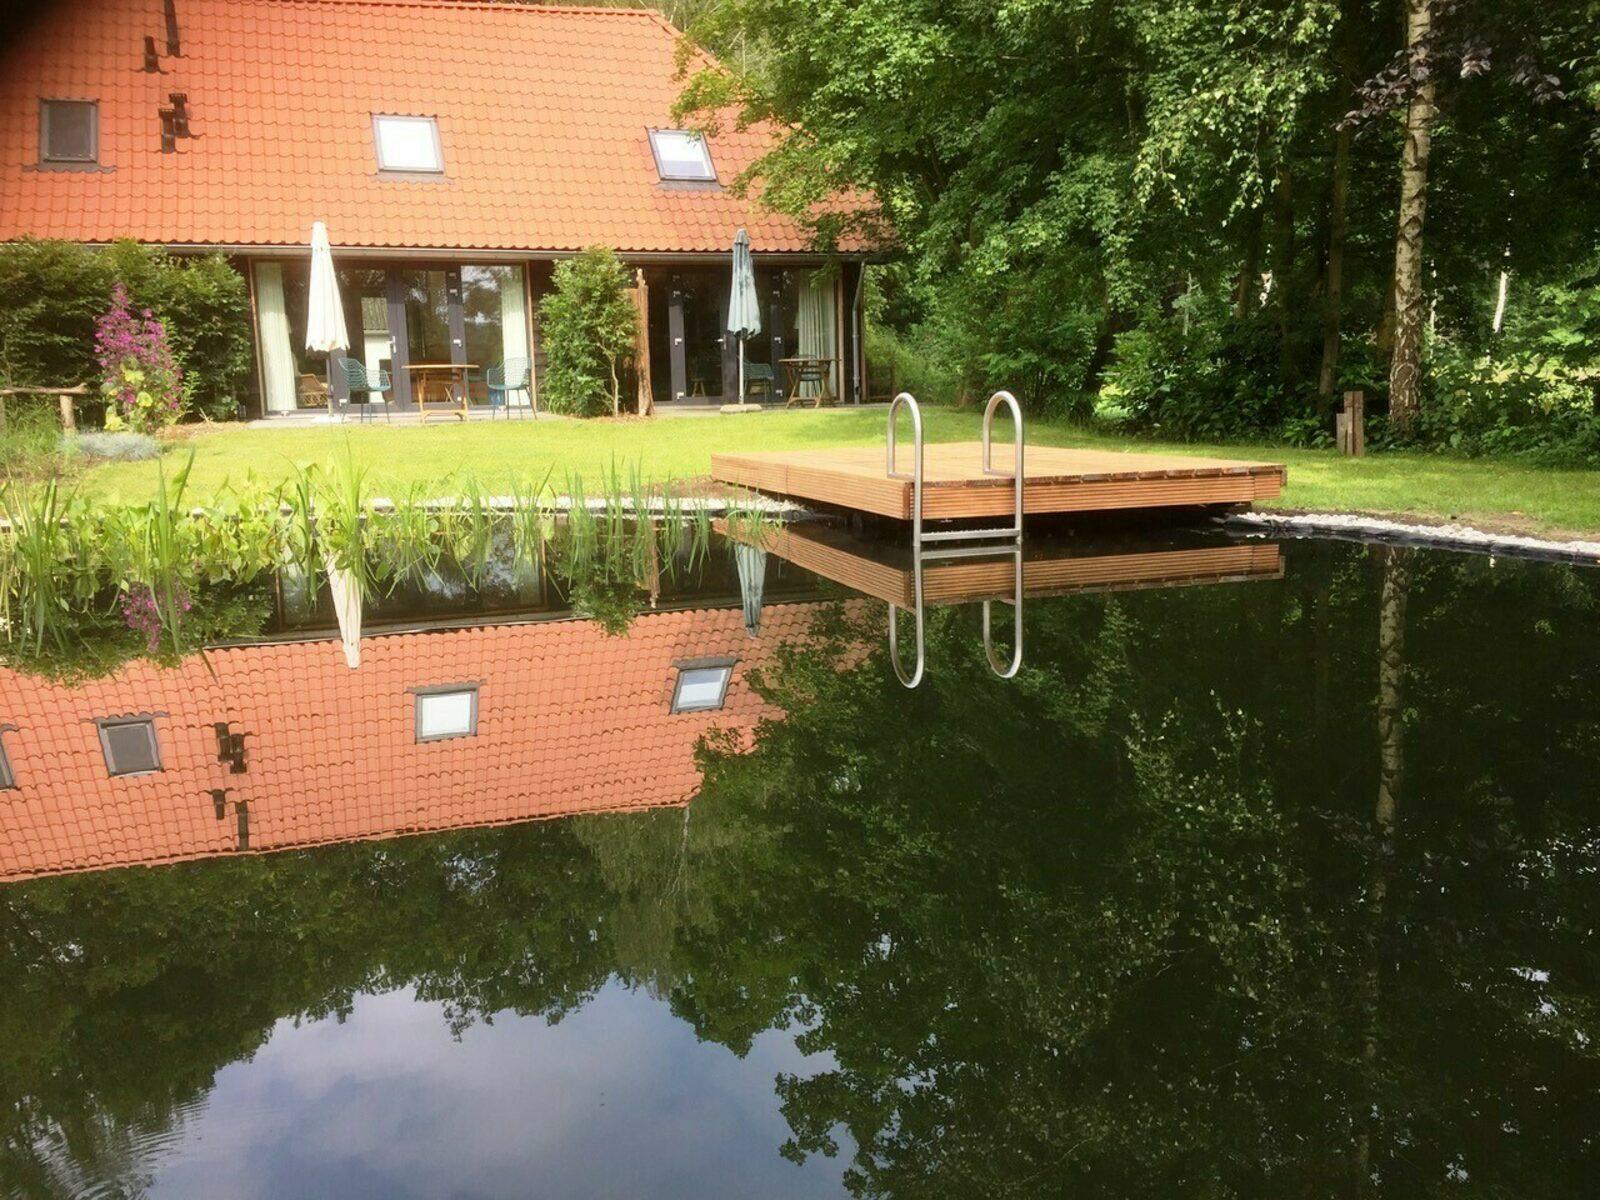 Vakantiehuis Joppe - 2 natuurhuisjes in de Achterhoek